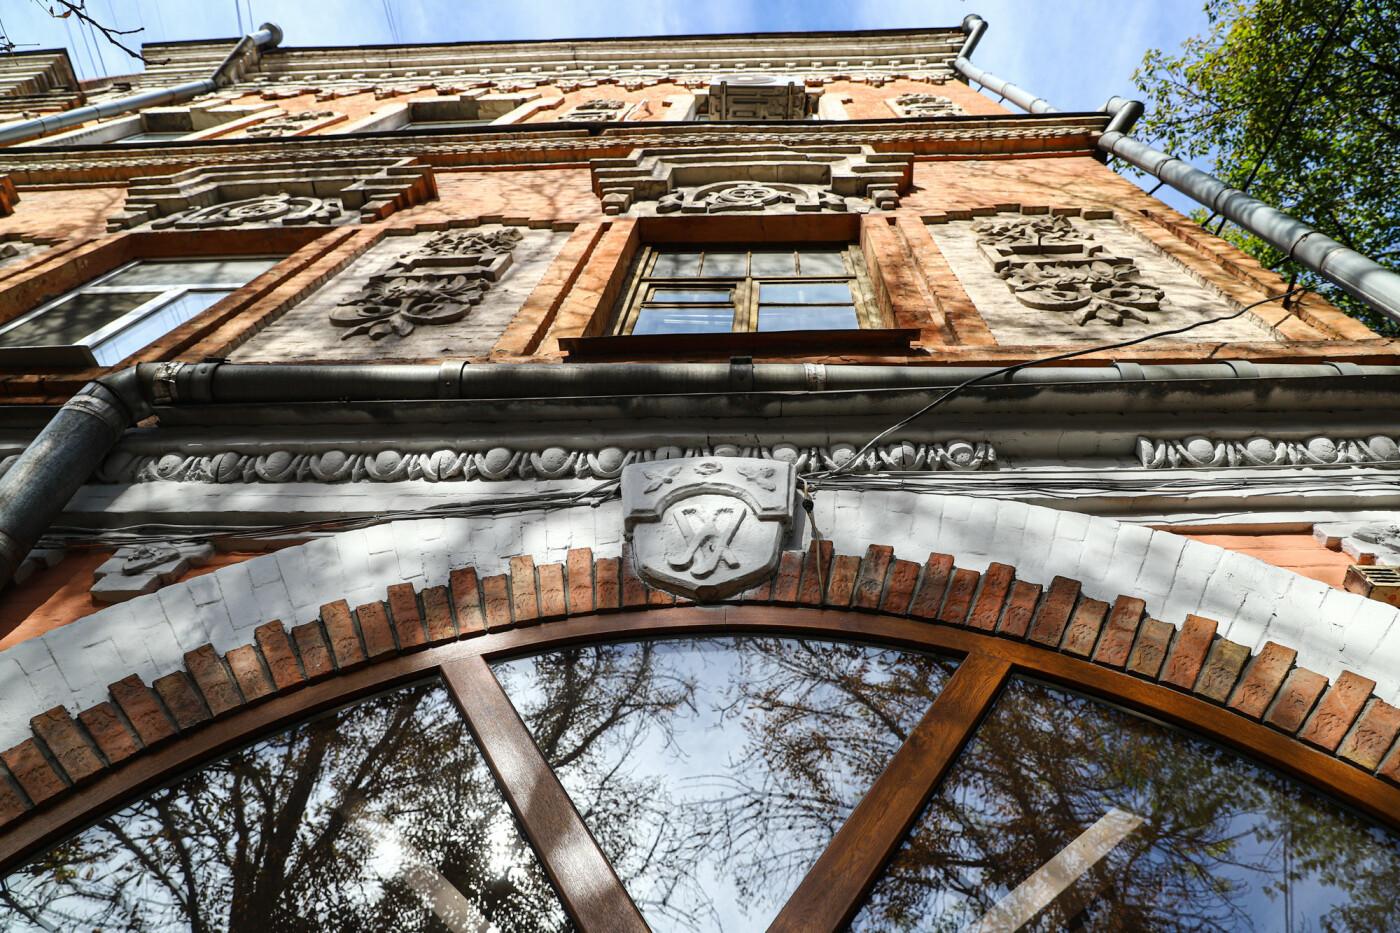 Маршруты выходного дня: не скучаем на карантине, а изучаем Запорожскую область и открываем секреты родного города, фото-31